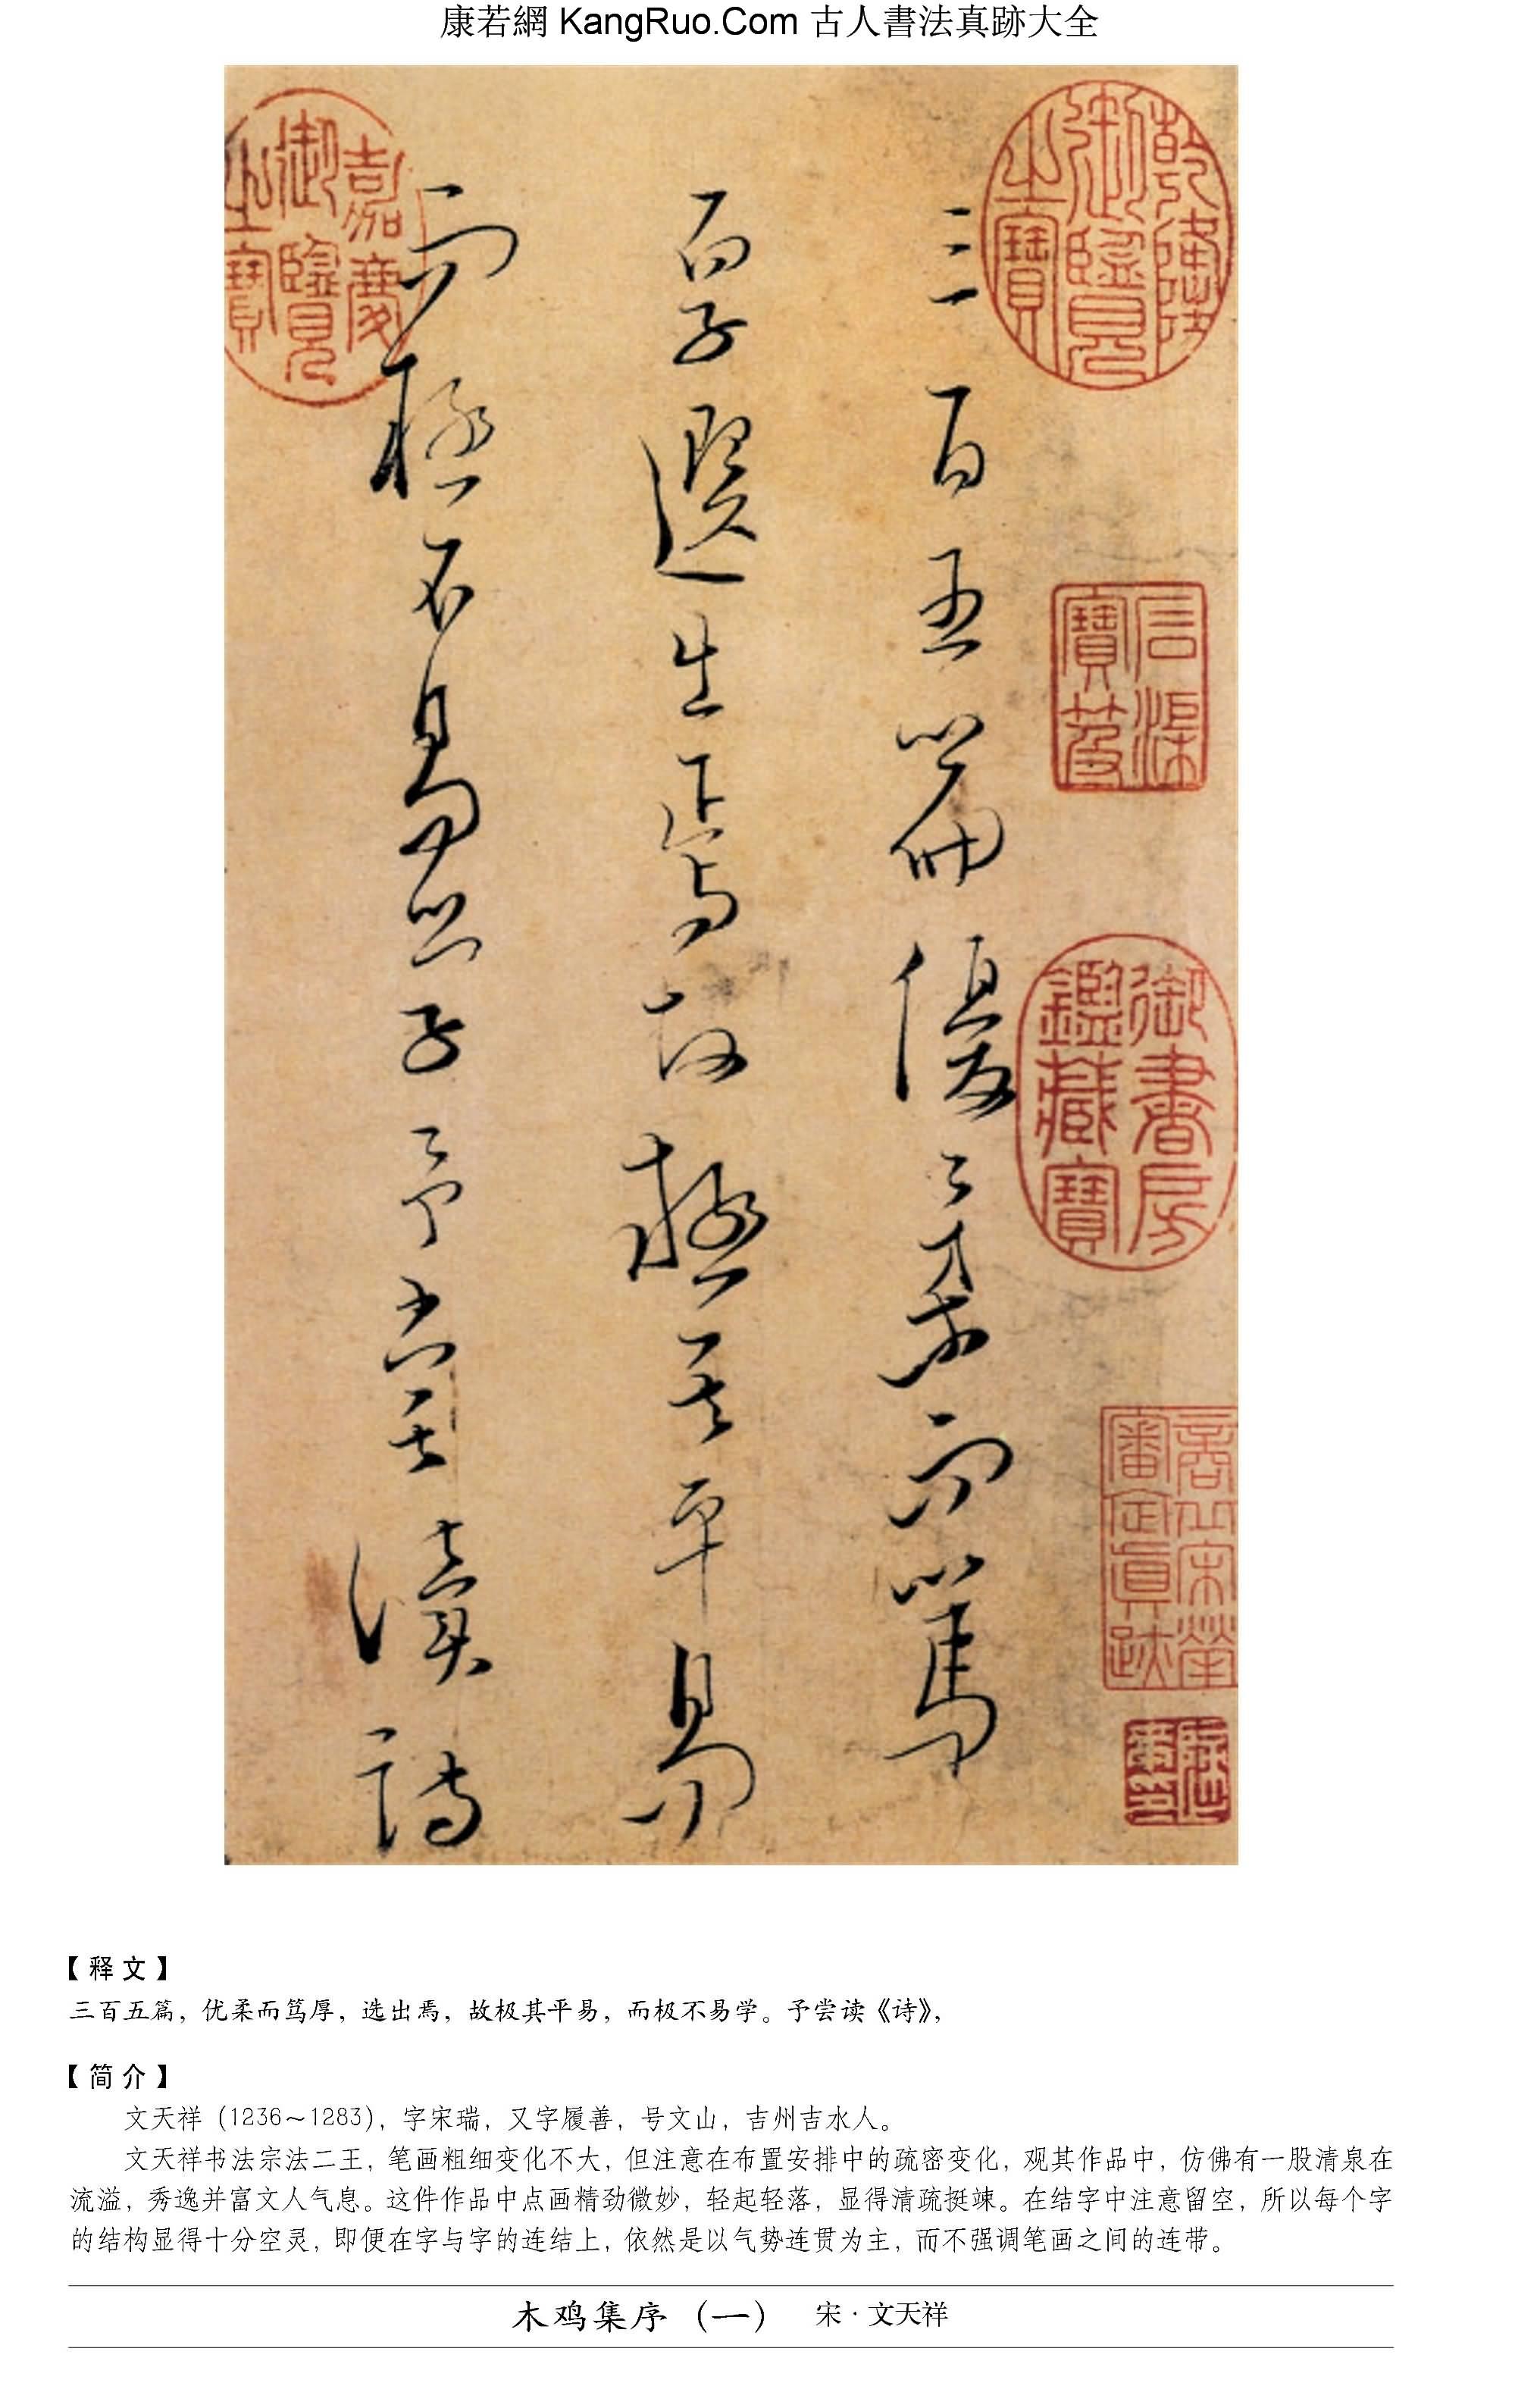 《木雞集序》書法真跡(草書)【宋朝·文天祥】_00244